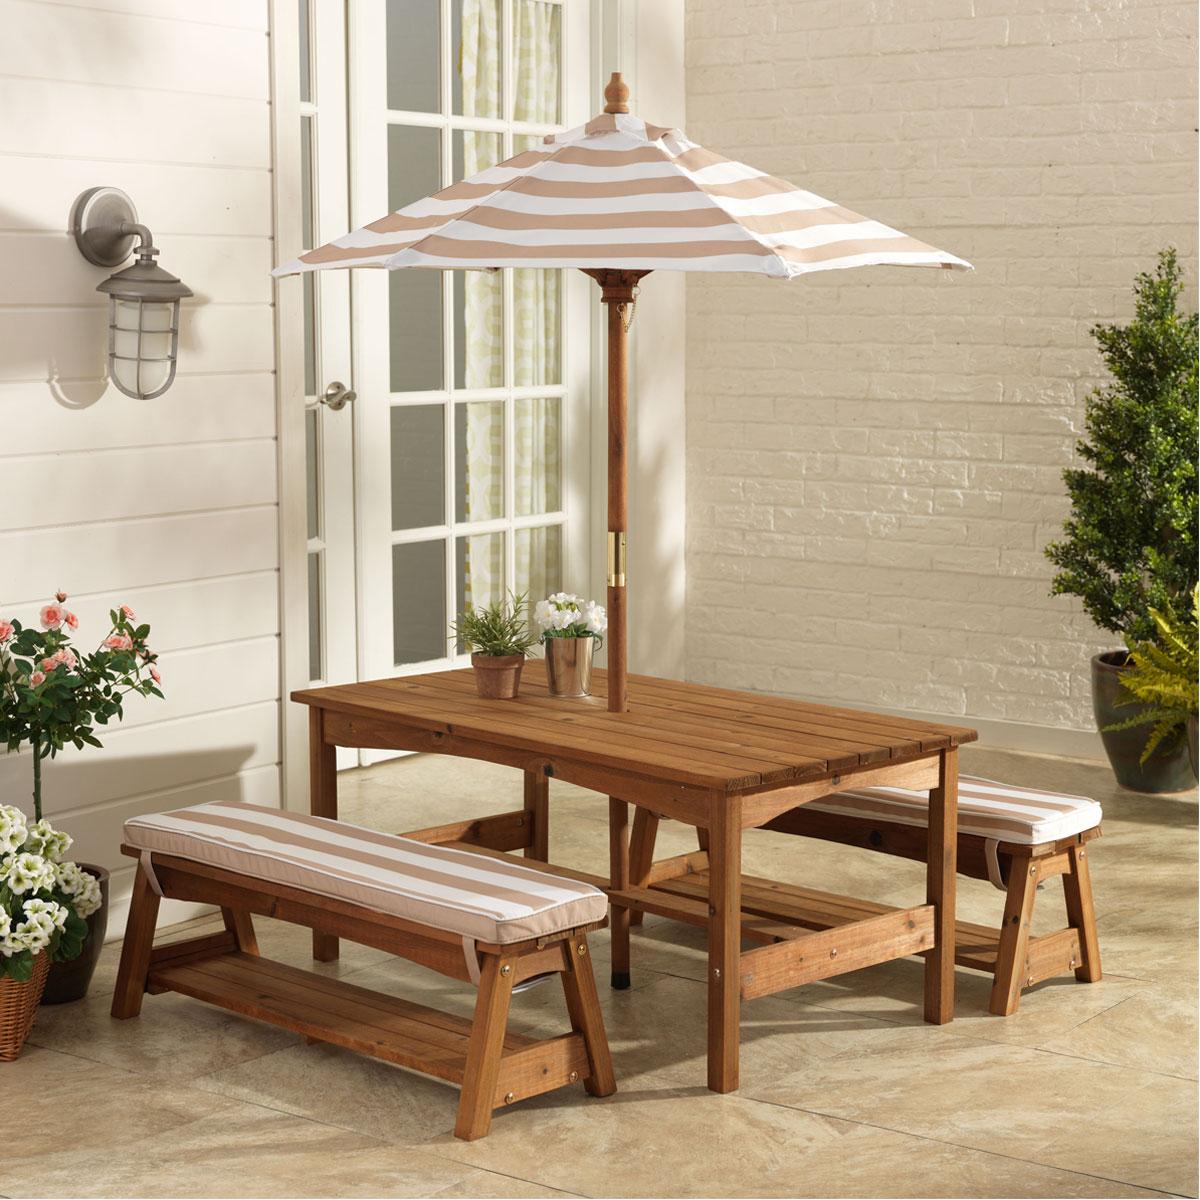 Kidkraft table et banc de jardin avec coussins et un parasol 500 pirum for Table jardin avec banc